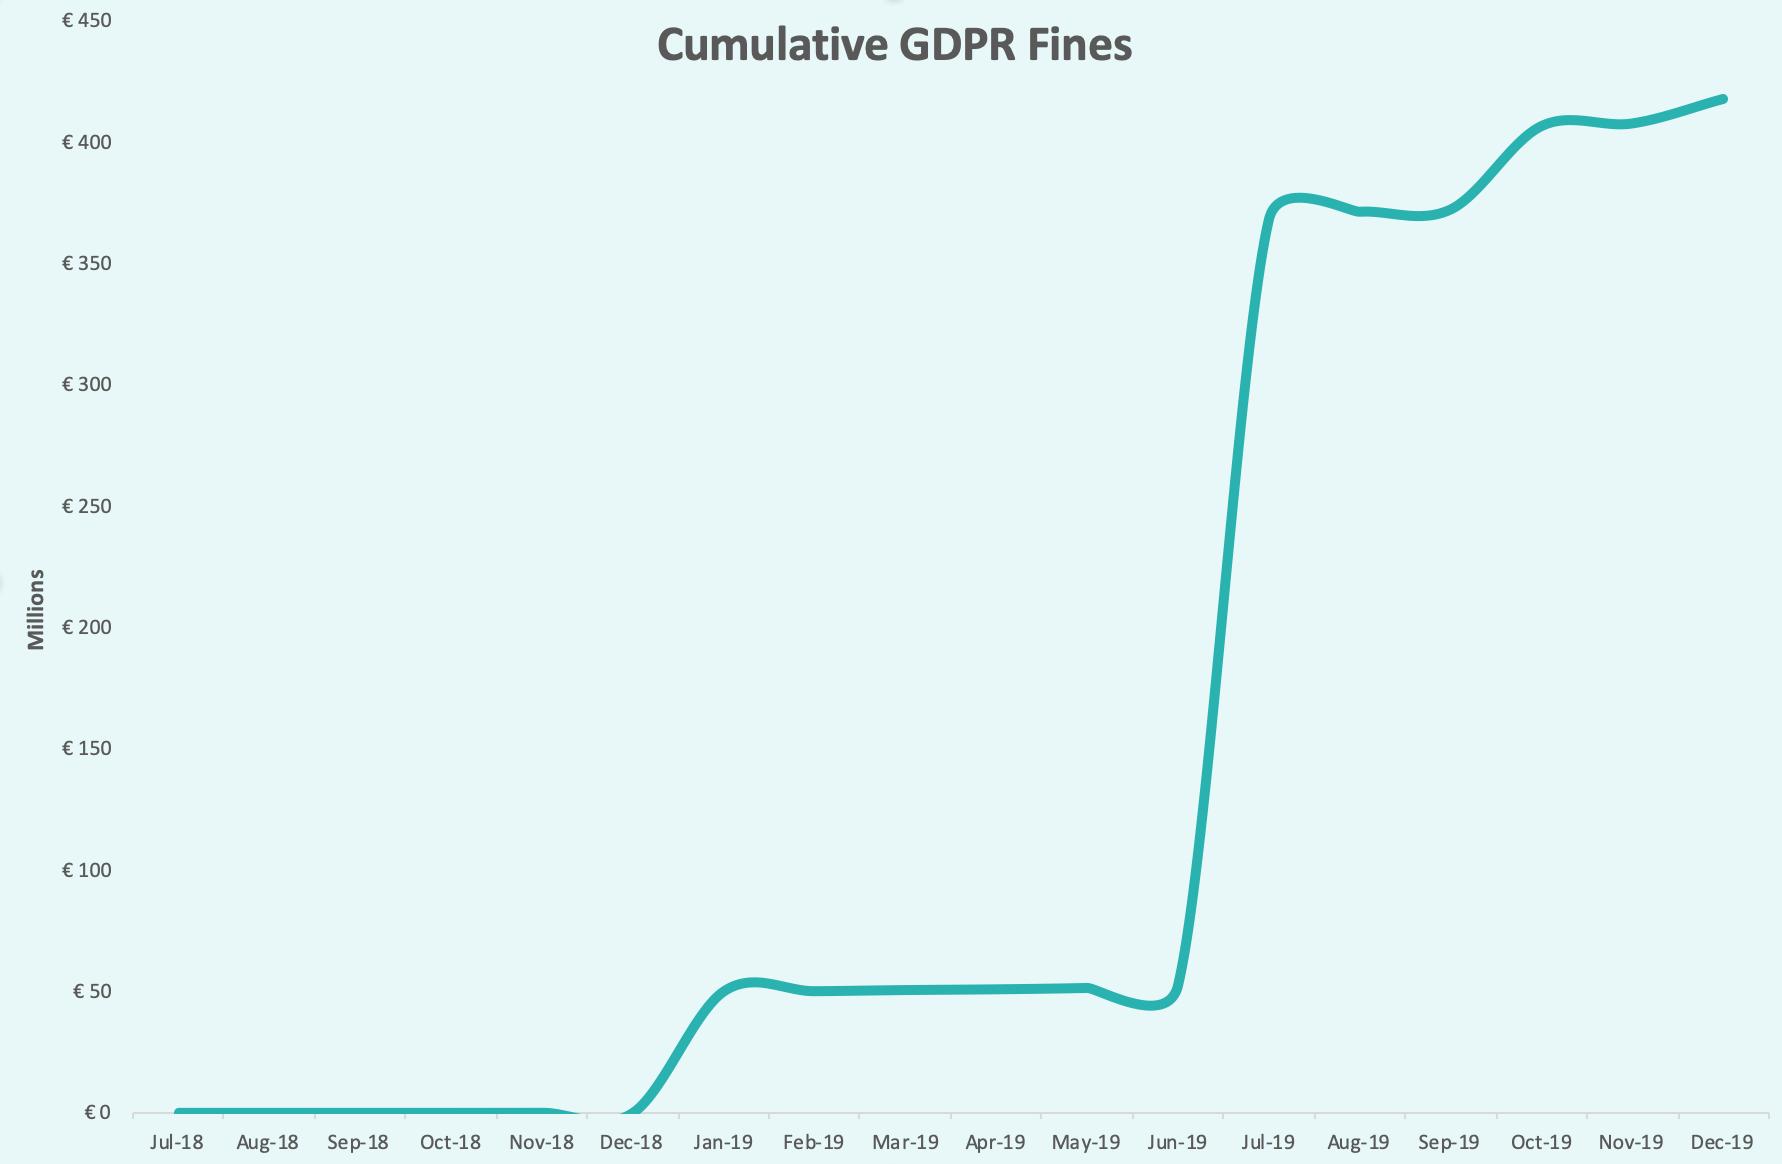 Cumulative GDPR Fines over time